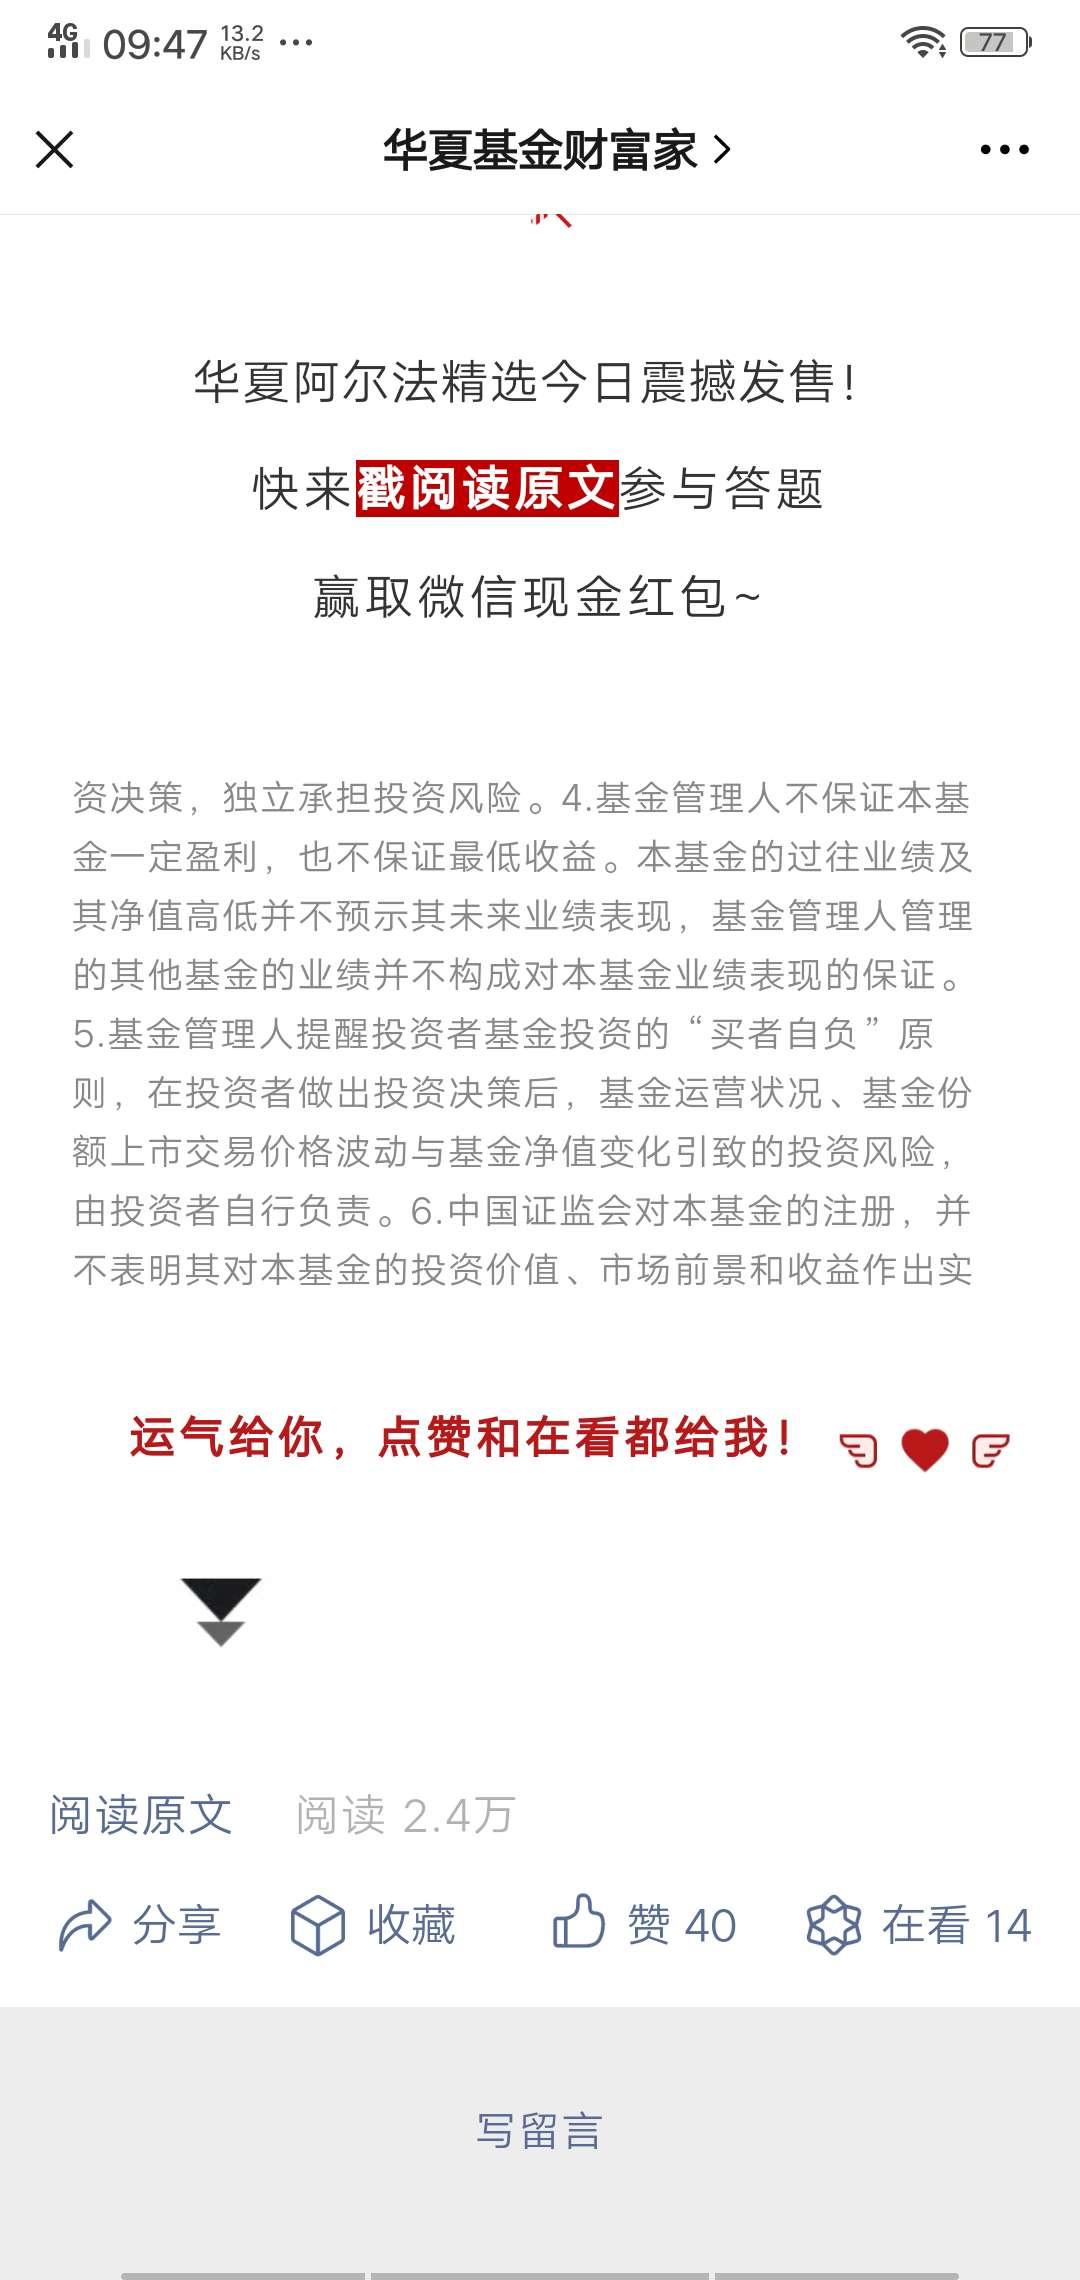 【红包】华夏基金零钱插图1